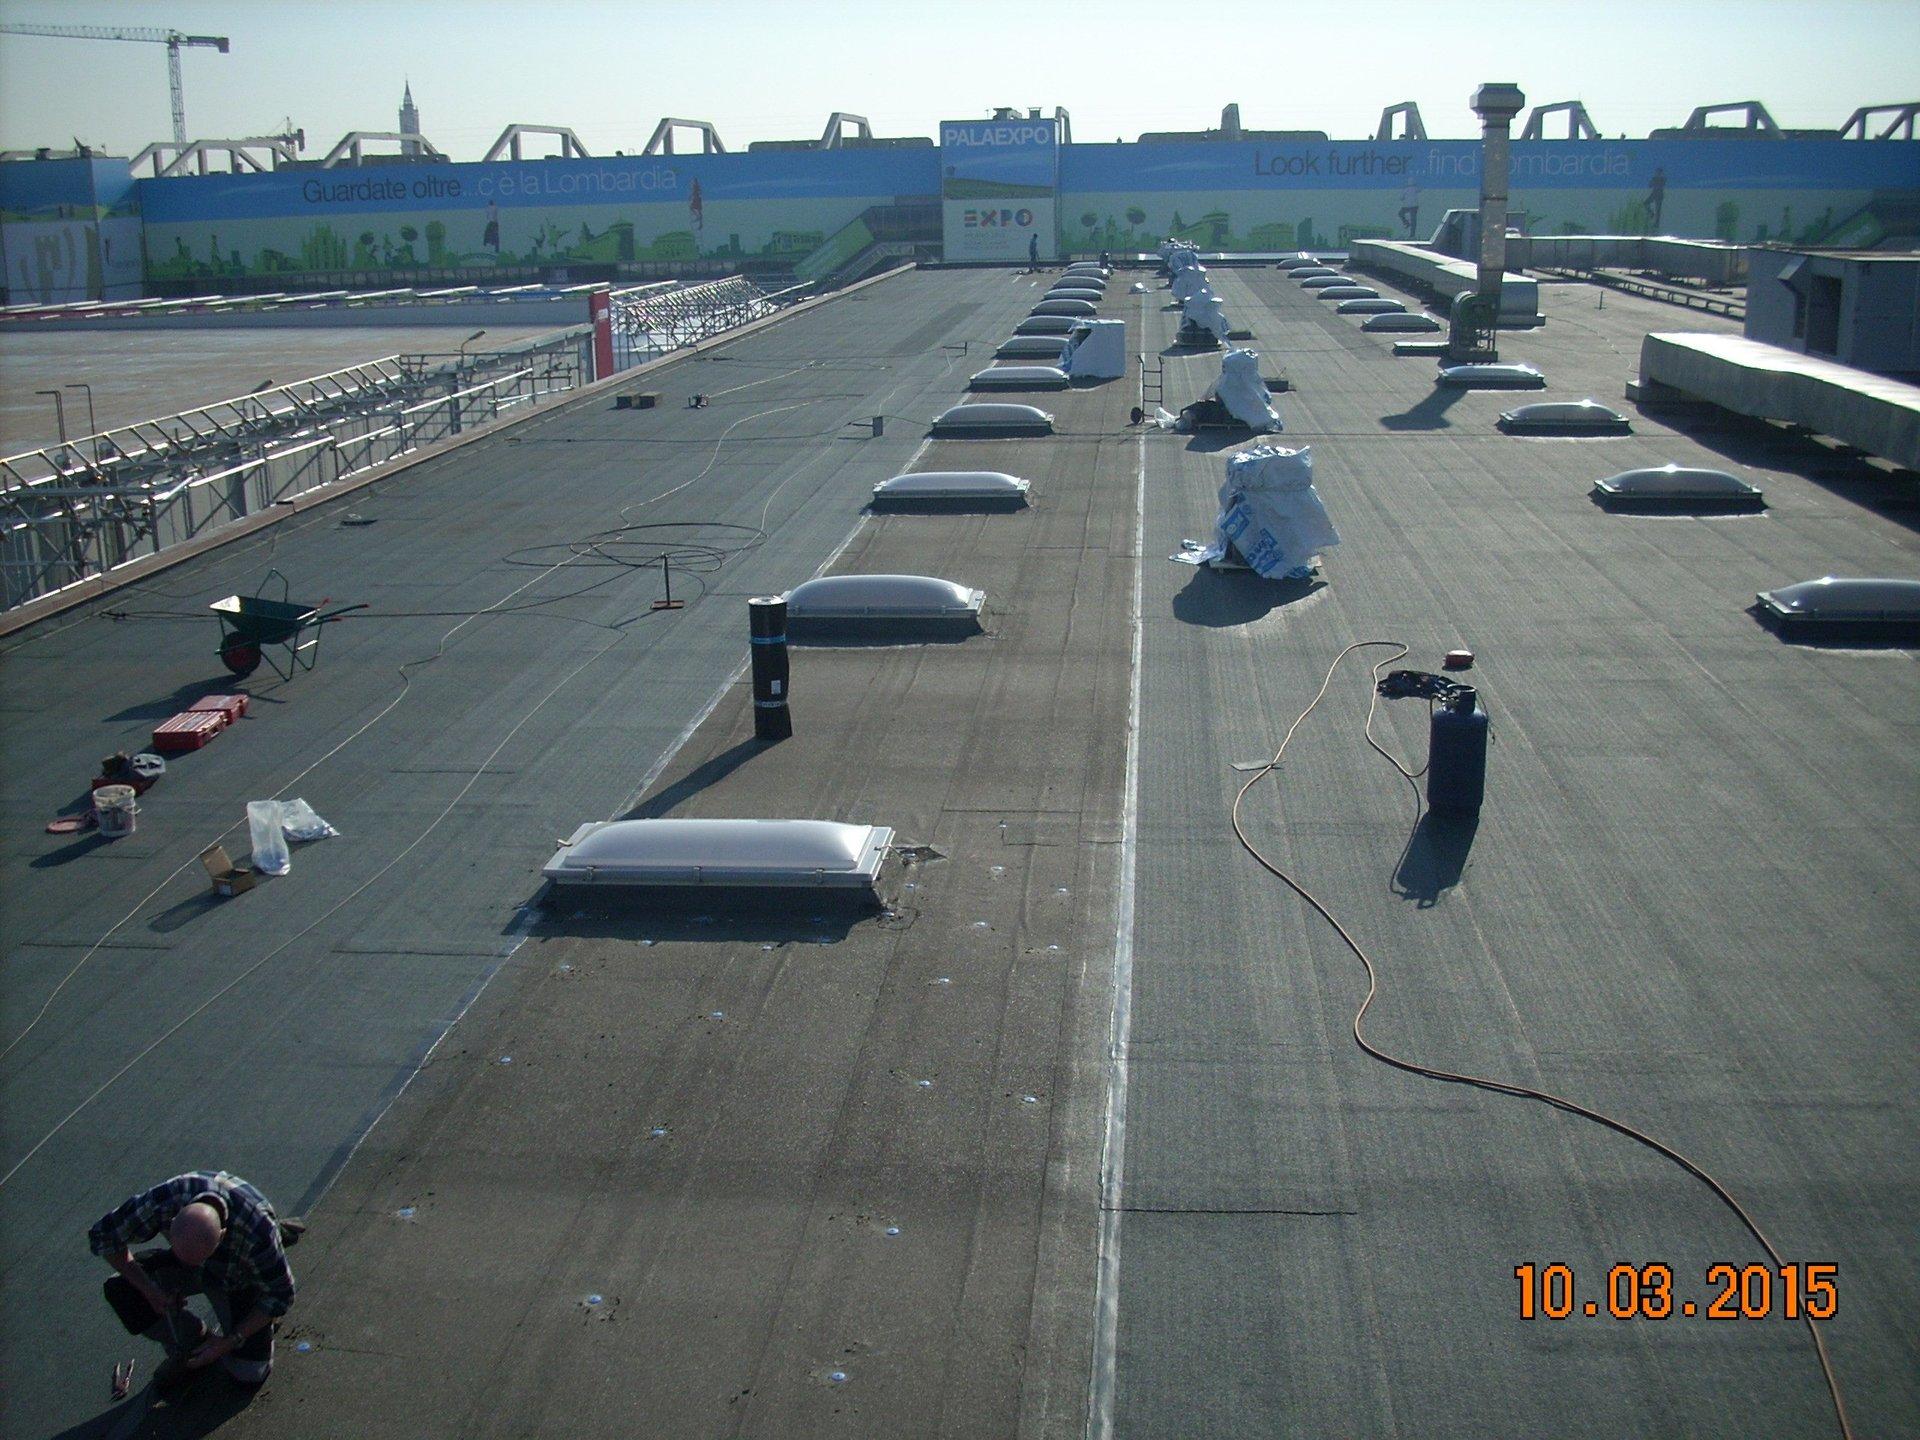 un uomo chinato a terra al lavoro e un tetto completamente impermeabilizzato